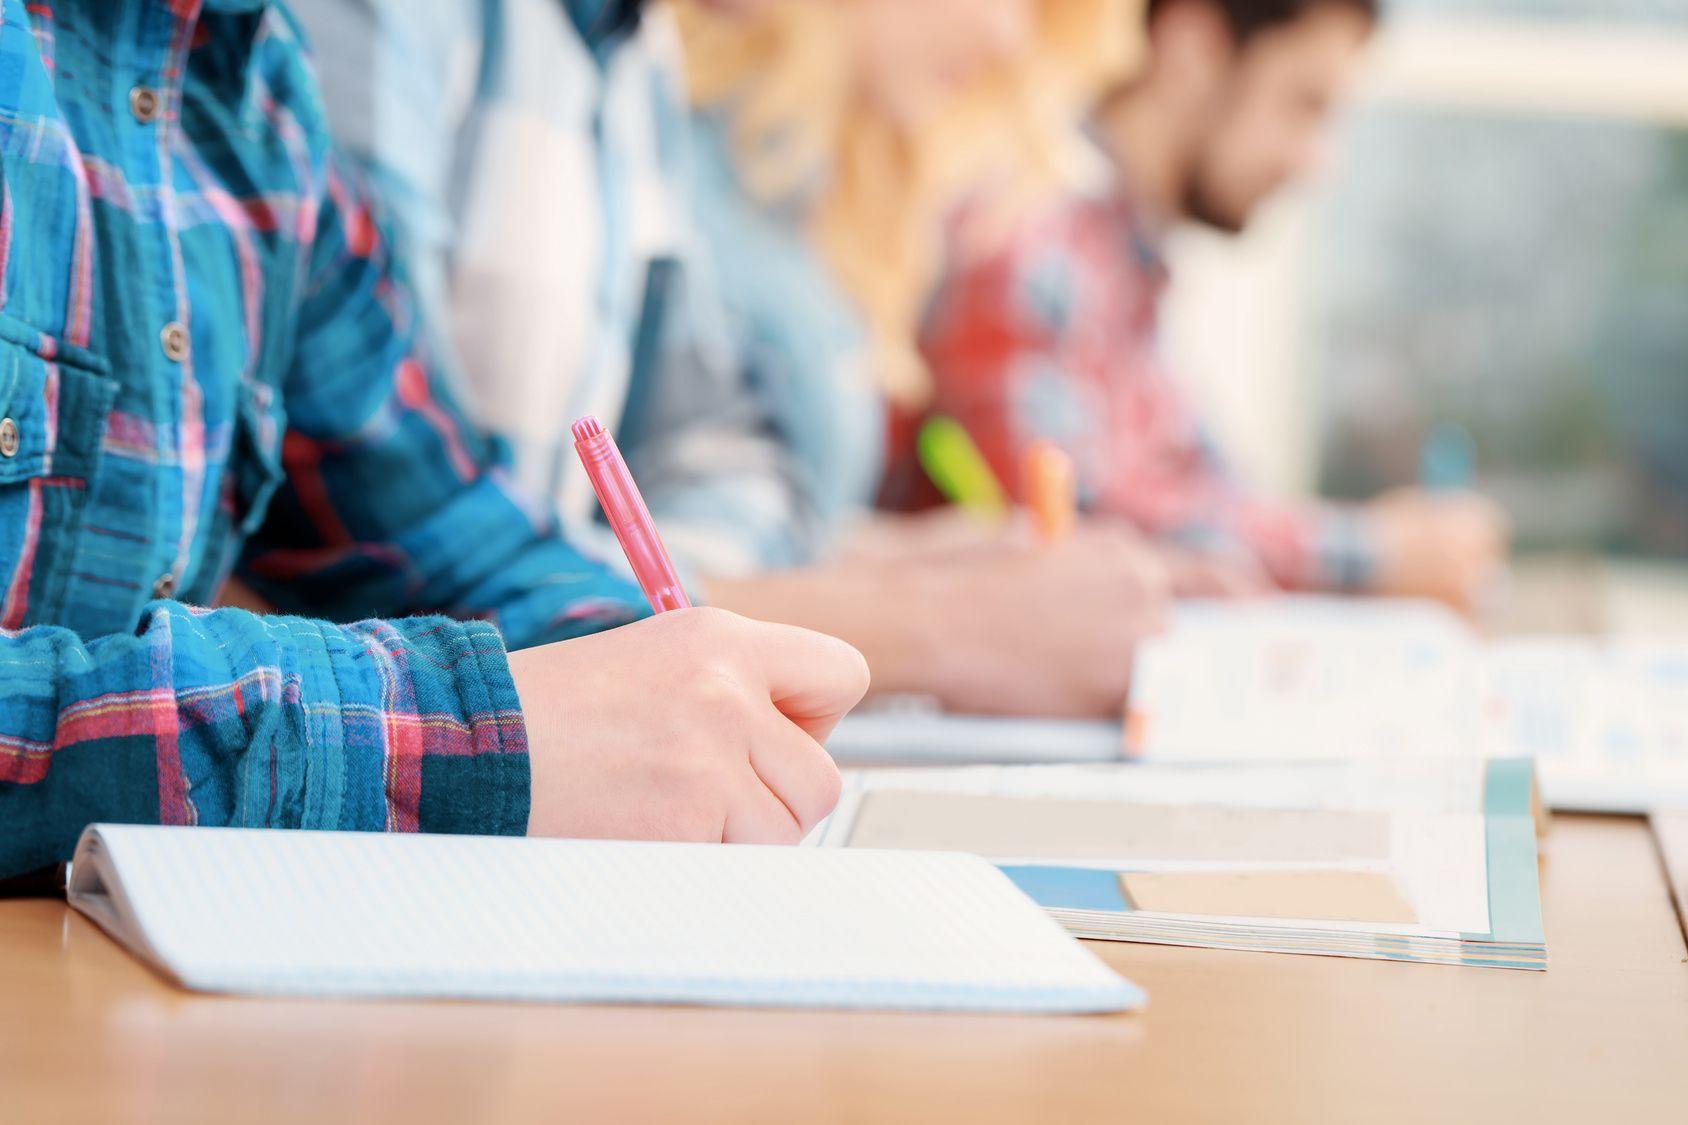 Klausuraufgaben - eine Typologie für das Lernen